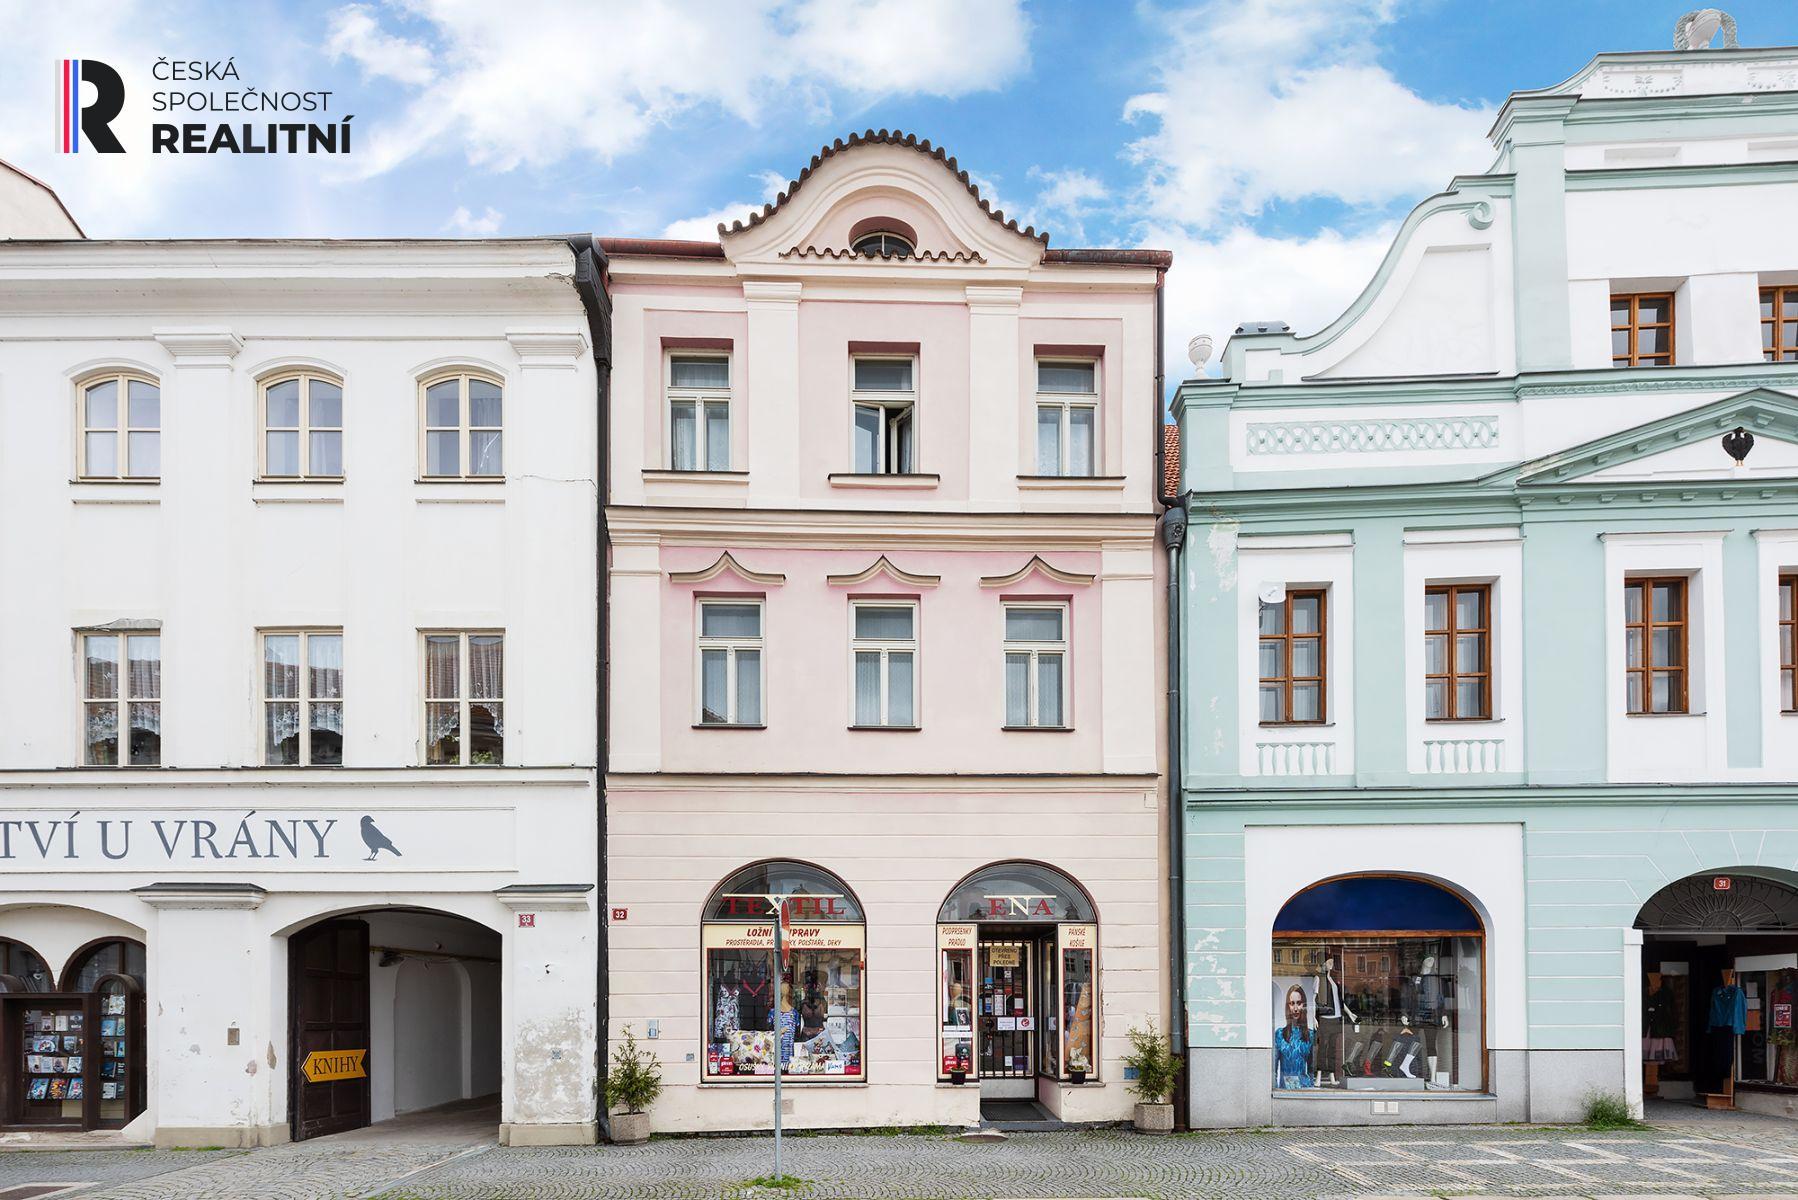 Nabízíme krásný historický dům na náměstí